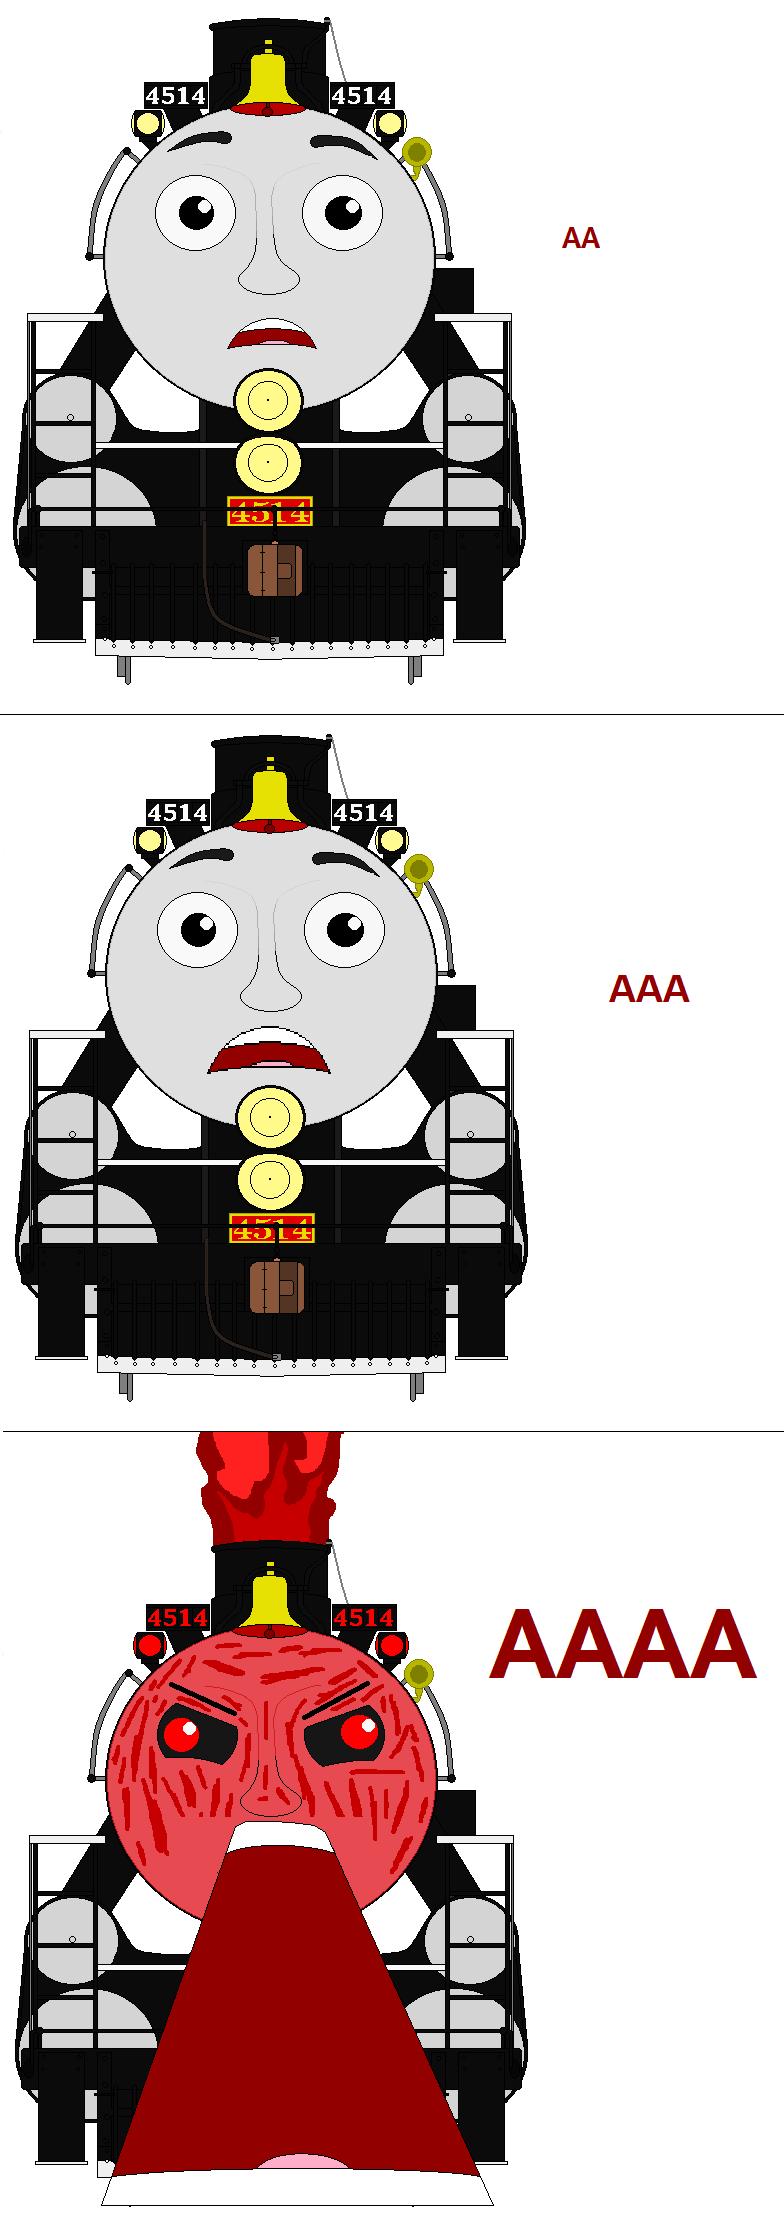 aa aaa aaaa meme by titanicmaster475 on deviantart